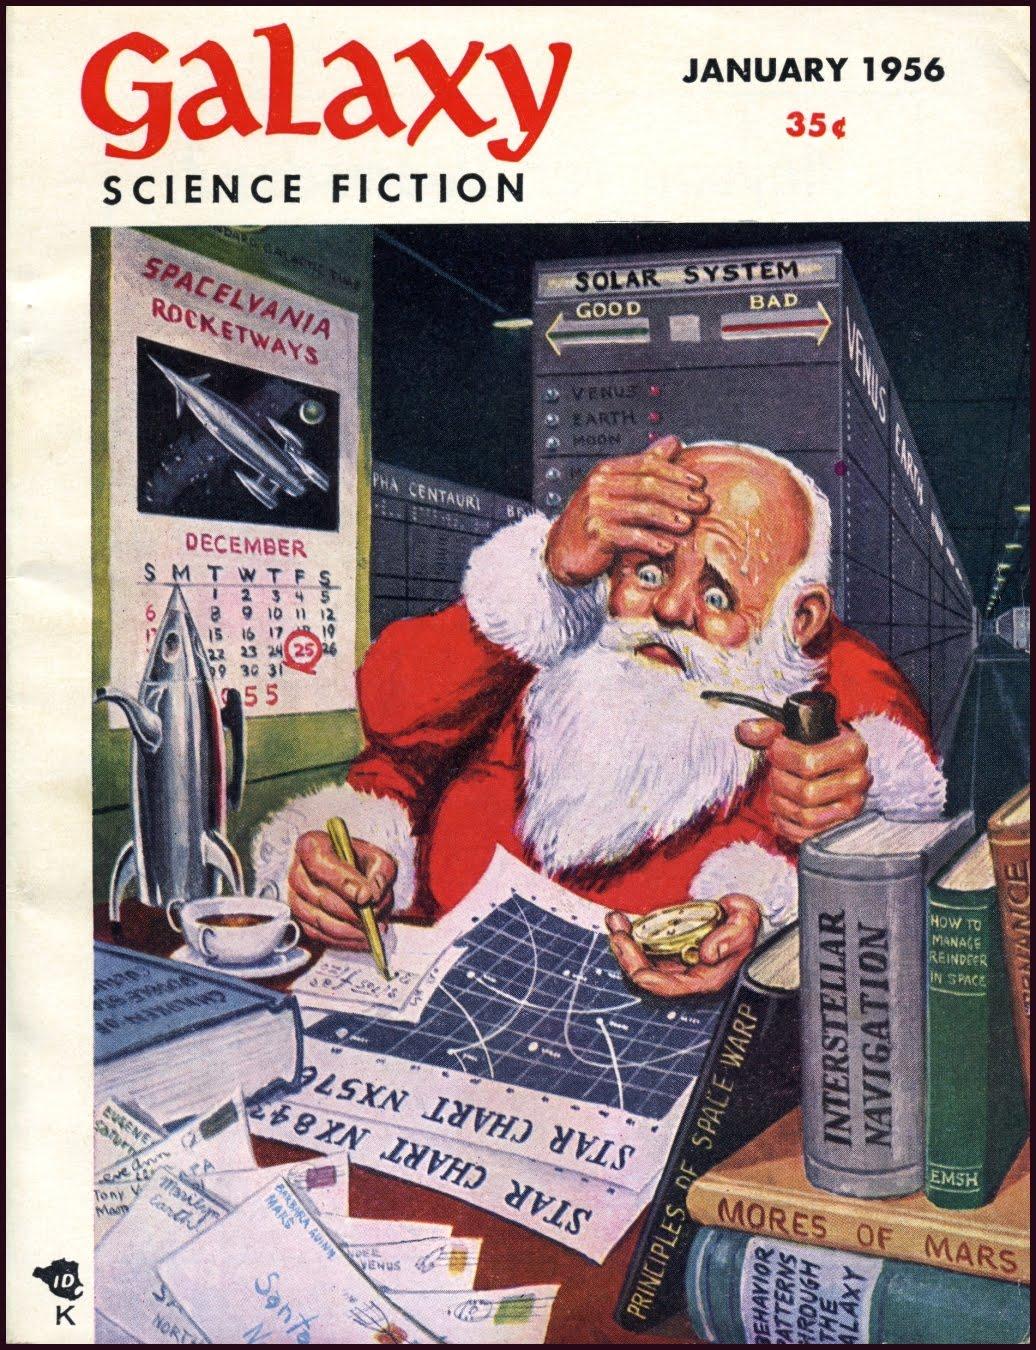 Figure 9 Galaxy Magazine January 1956